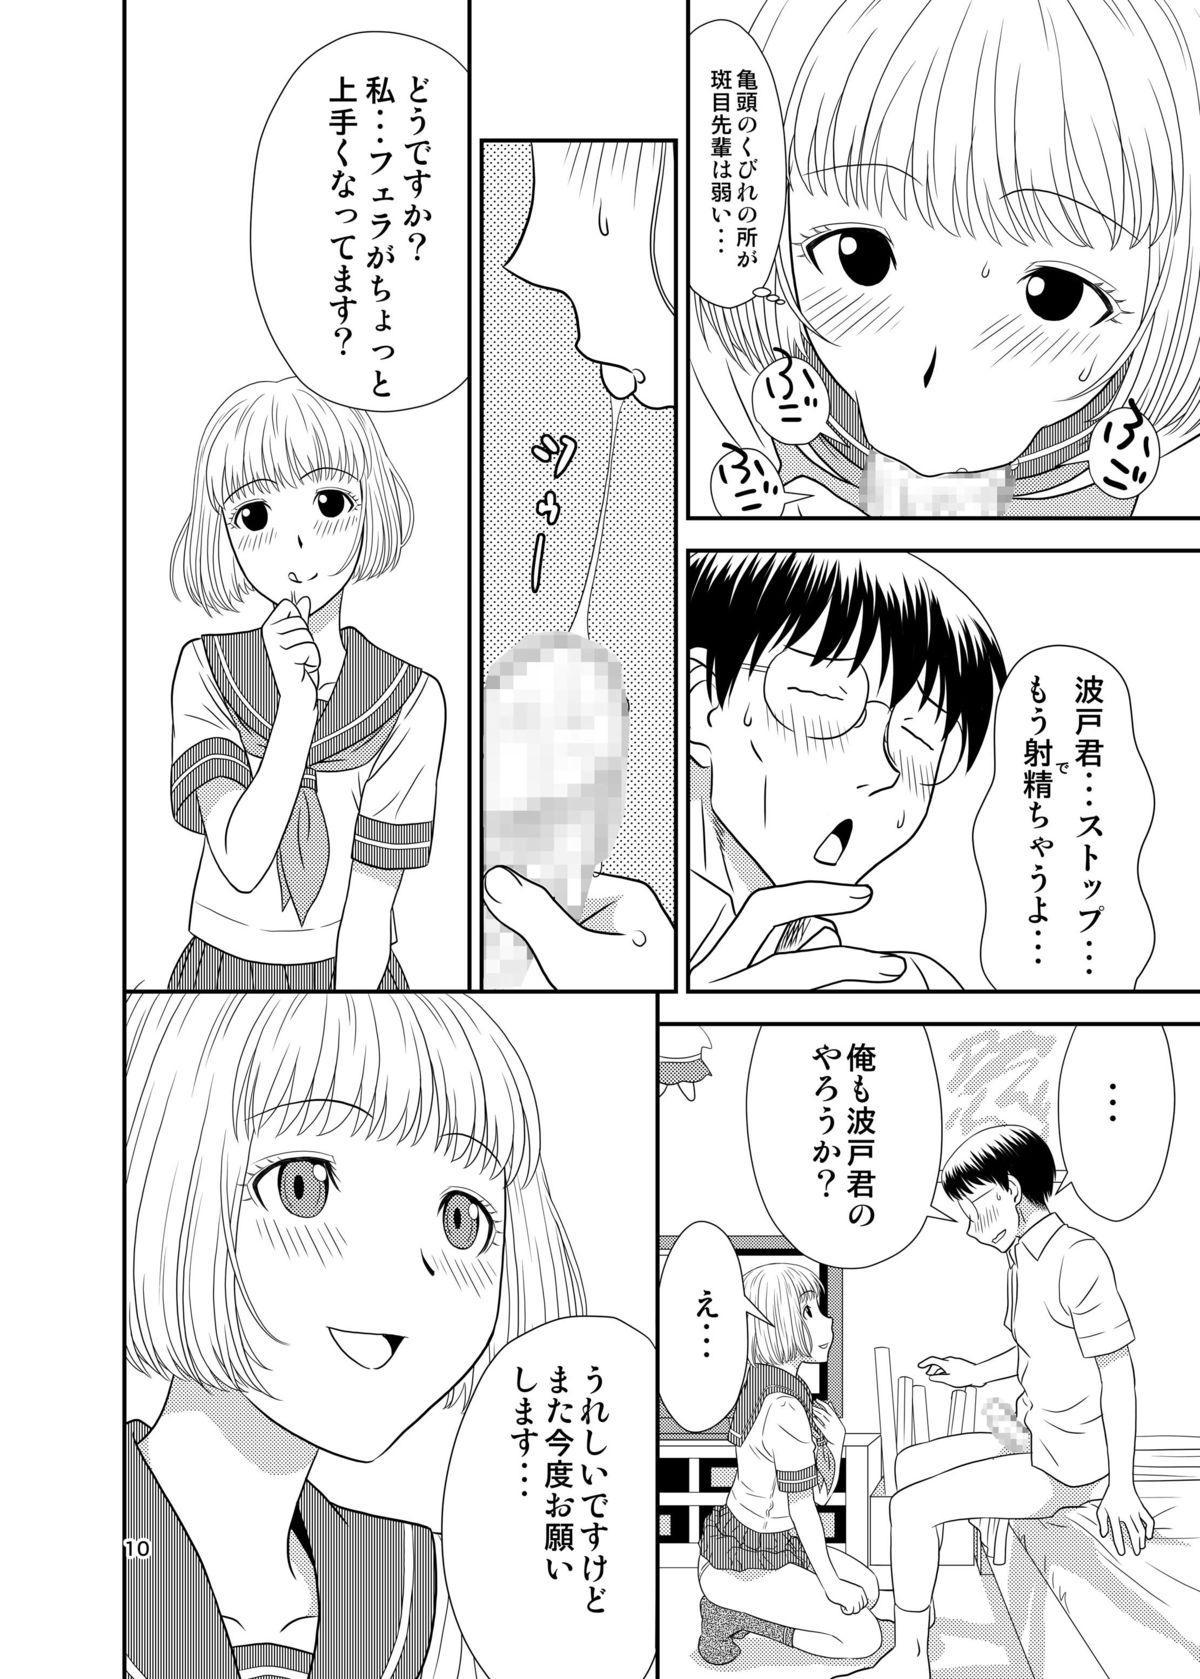 Genshiken no Hon 8